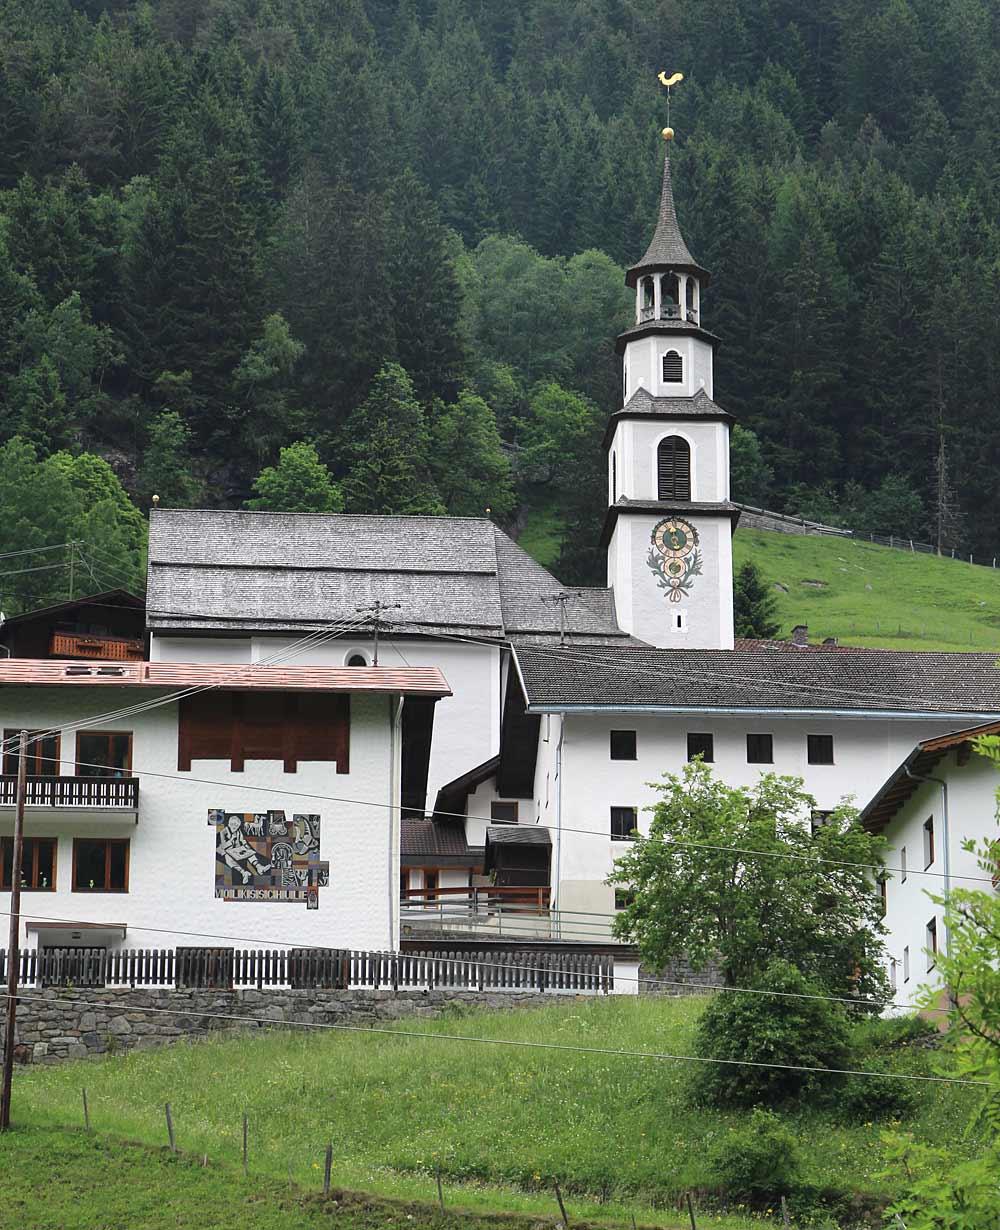 Blick auf die Expositurkirche Hl. Josef und den Friedhof bei Zaunhof